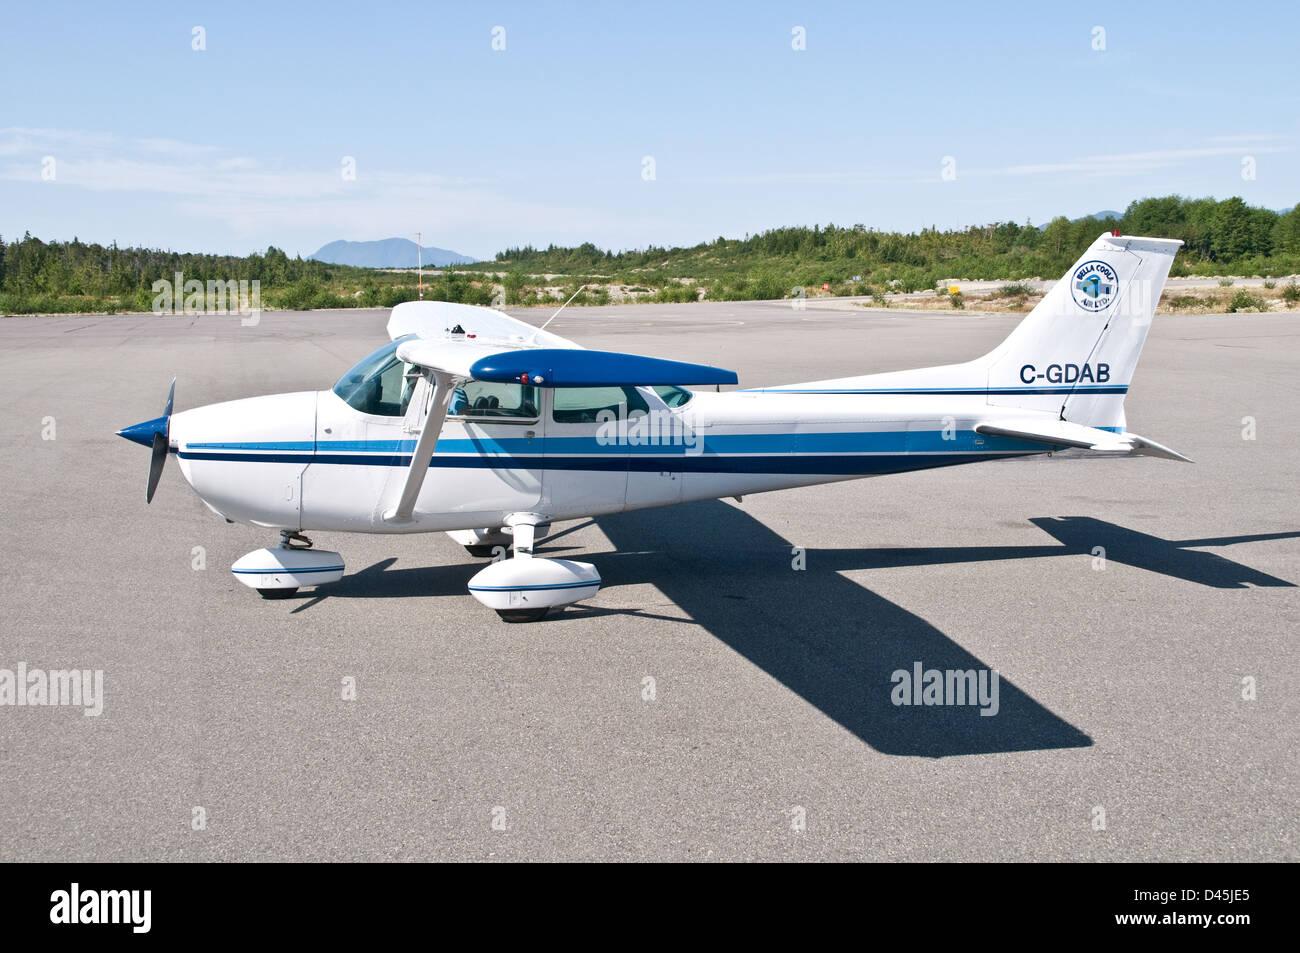 Un avión Cessna 172 estacionado sobre el asfalto en Bella Bella airport, en The Great Bear Rainforest, British Imagen De Stock